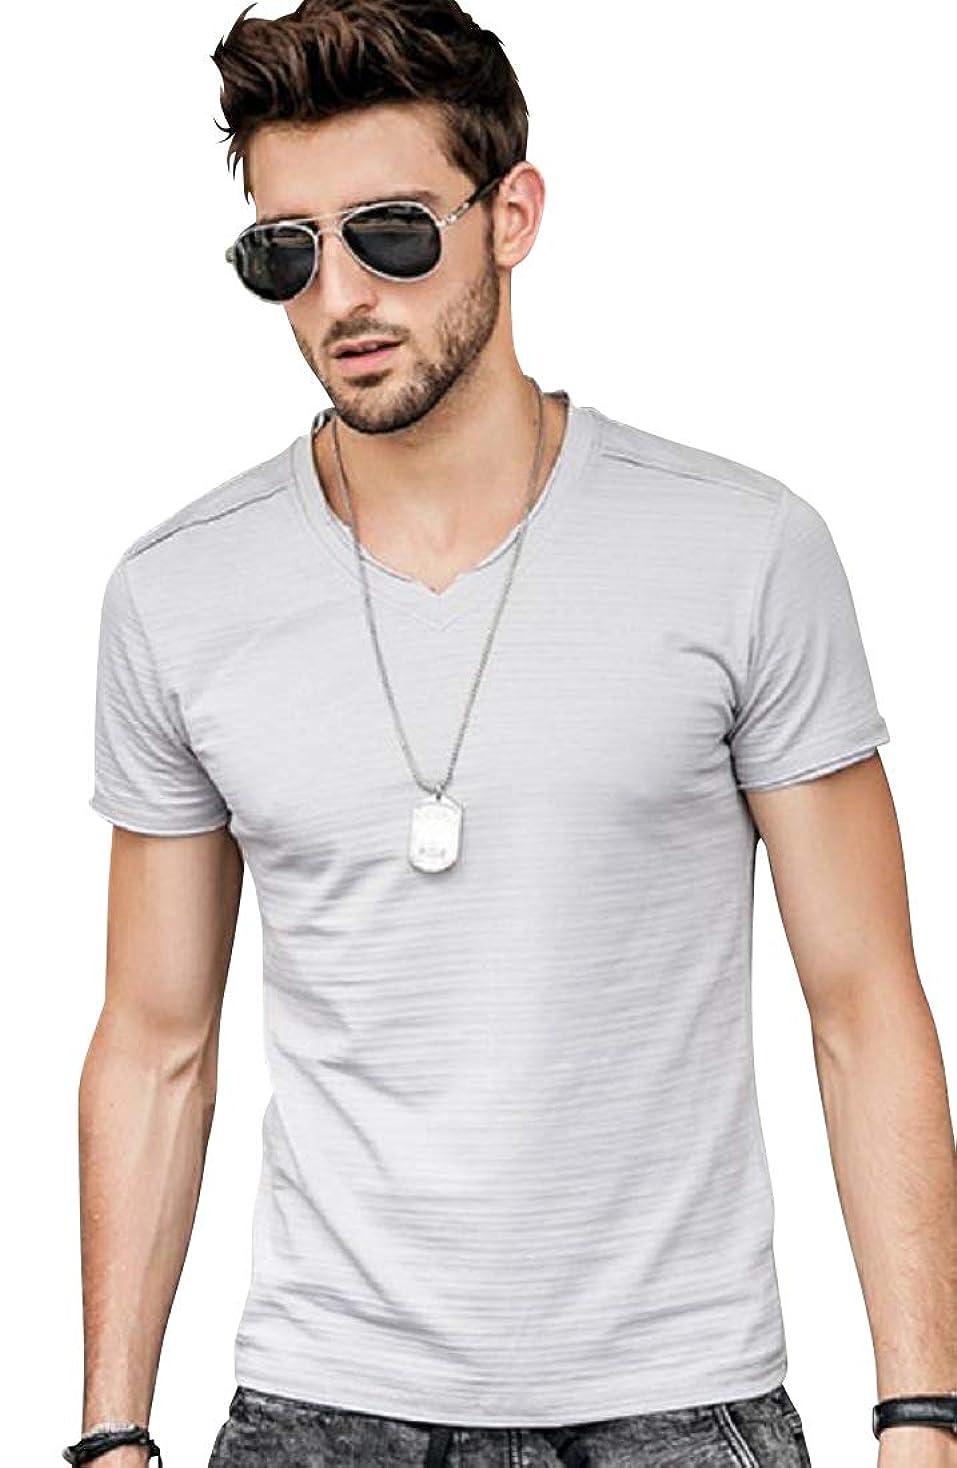 ささいな集団的タック[ライズオンフリーク] メンズ 半袖 tシャツ トップス カットソー シャツ カジュアル 夏服 GT-47